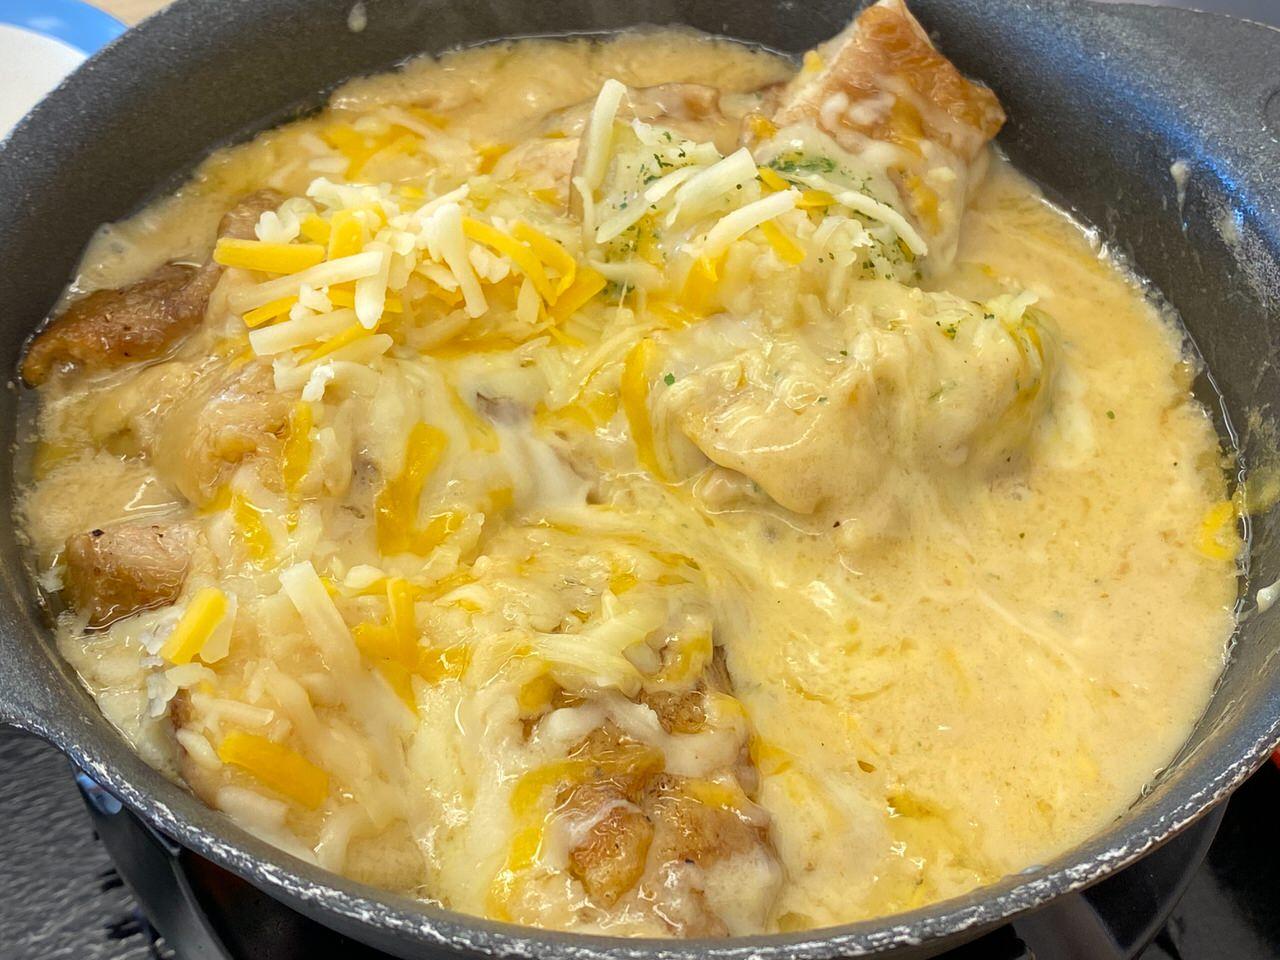 【松屋】復活した「シュクメルリ鍋」ニンニクチーズにさらに追いチーズ!最後の一口まで美味すぎた! 11